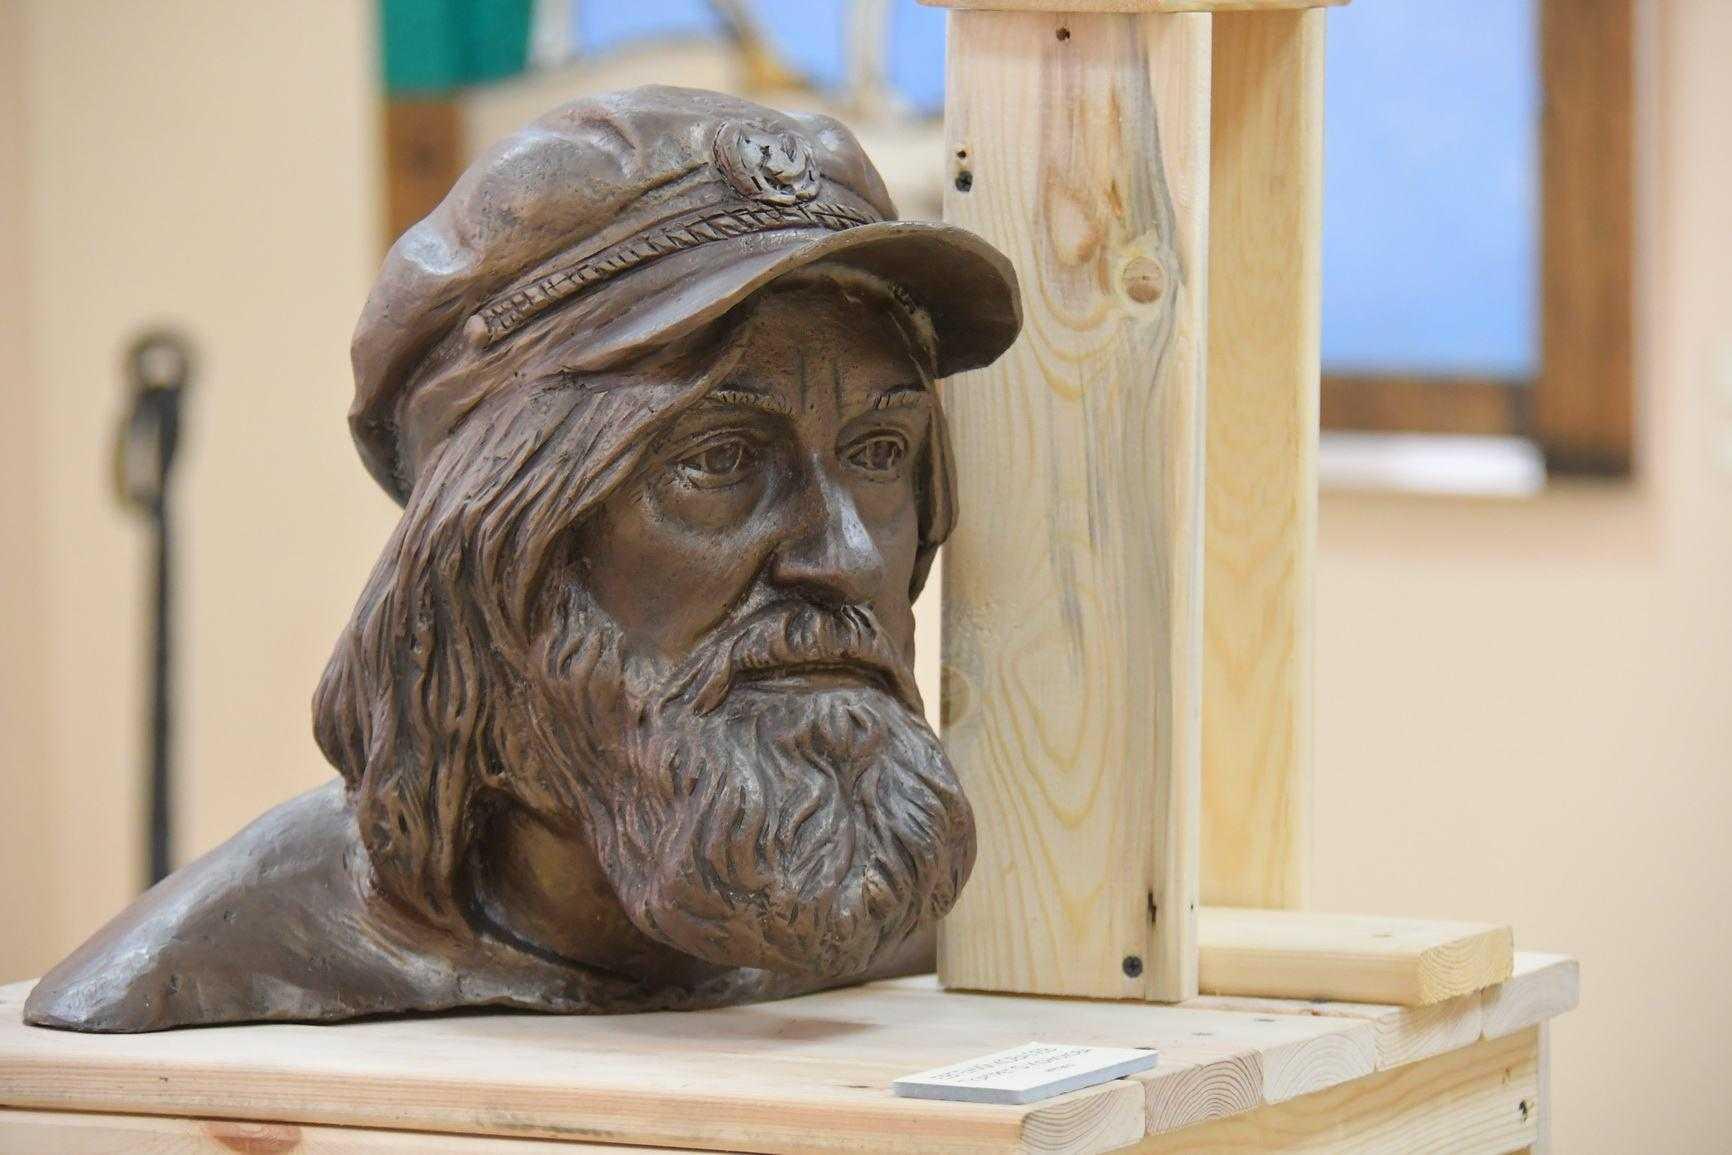 Великий путешественник России привез свои творческие работы в Новороссийск: все о поисках смысла жизни